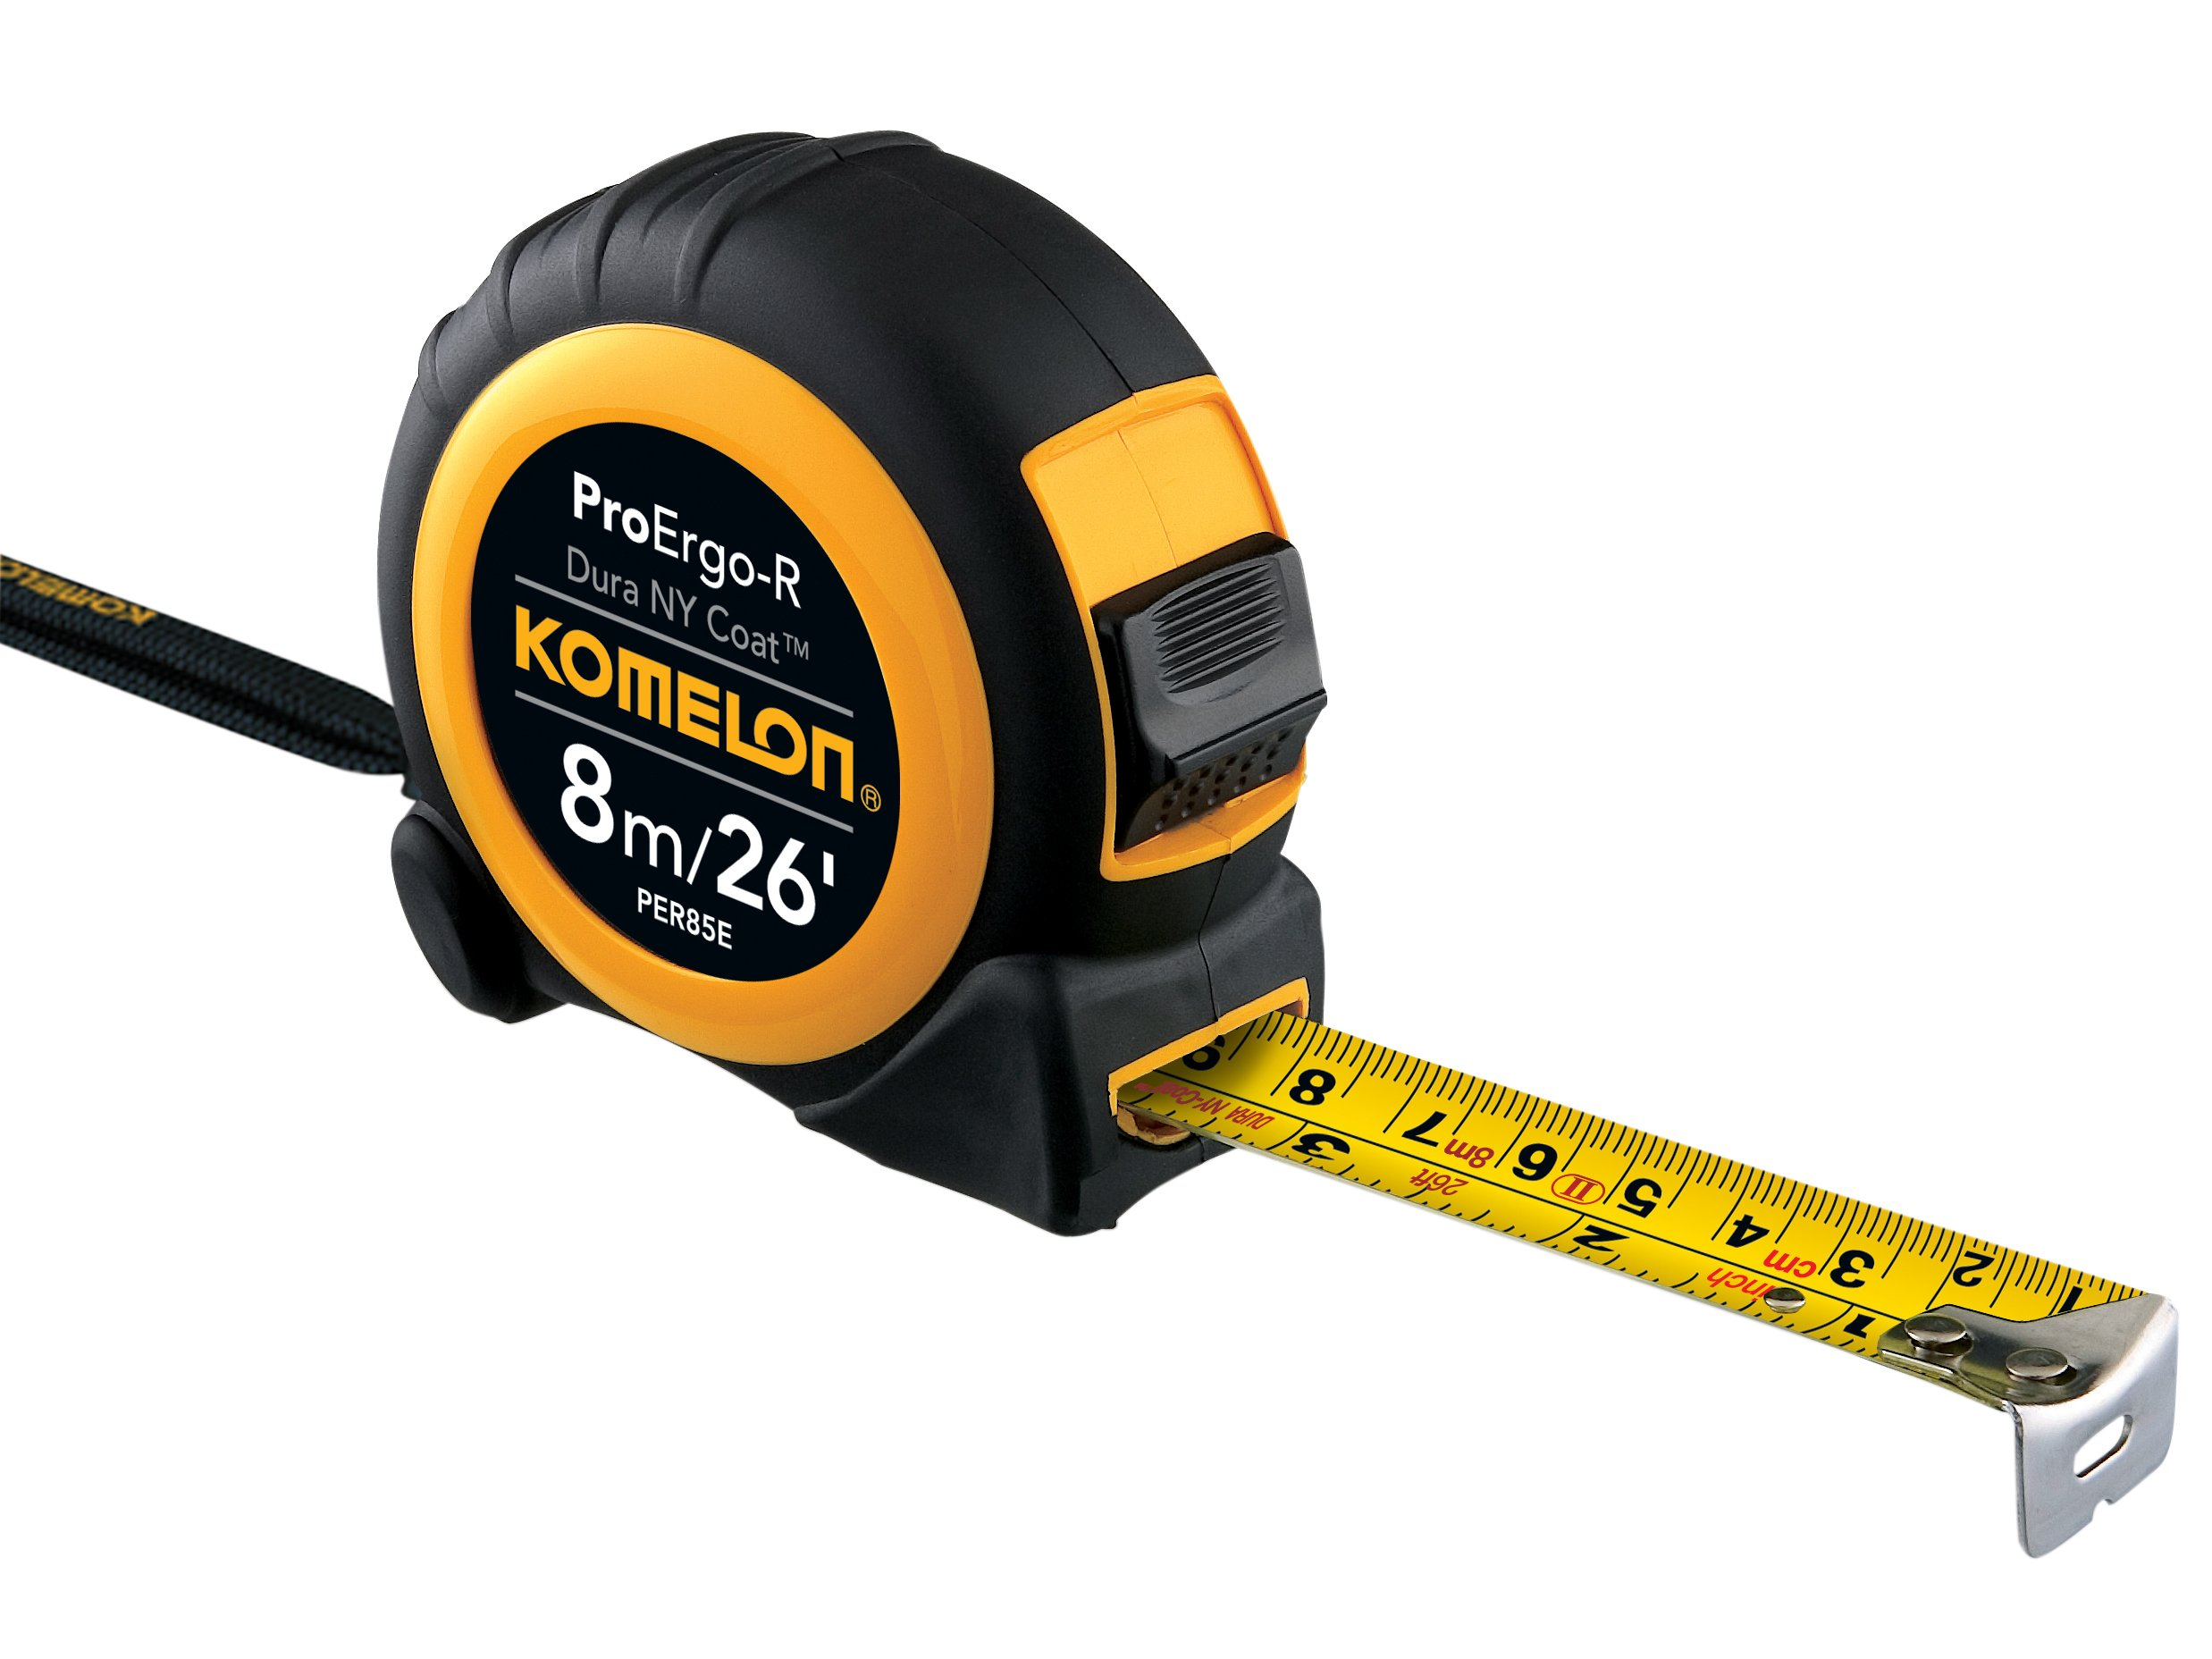 Komelon Pro Ergo-R Superior Tape Measure PER826E   8m/26ft by Komelon (Image #1)